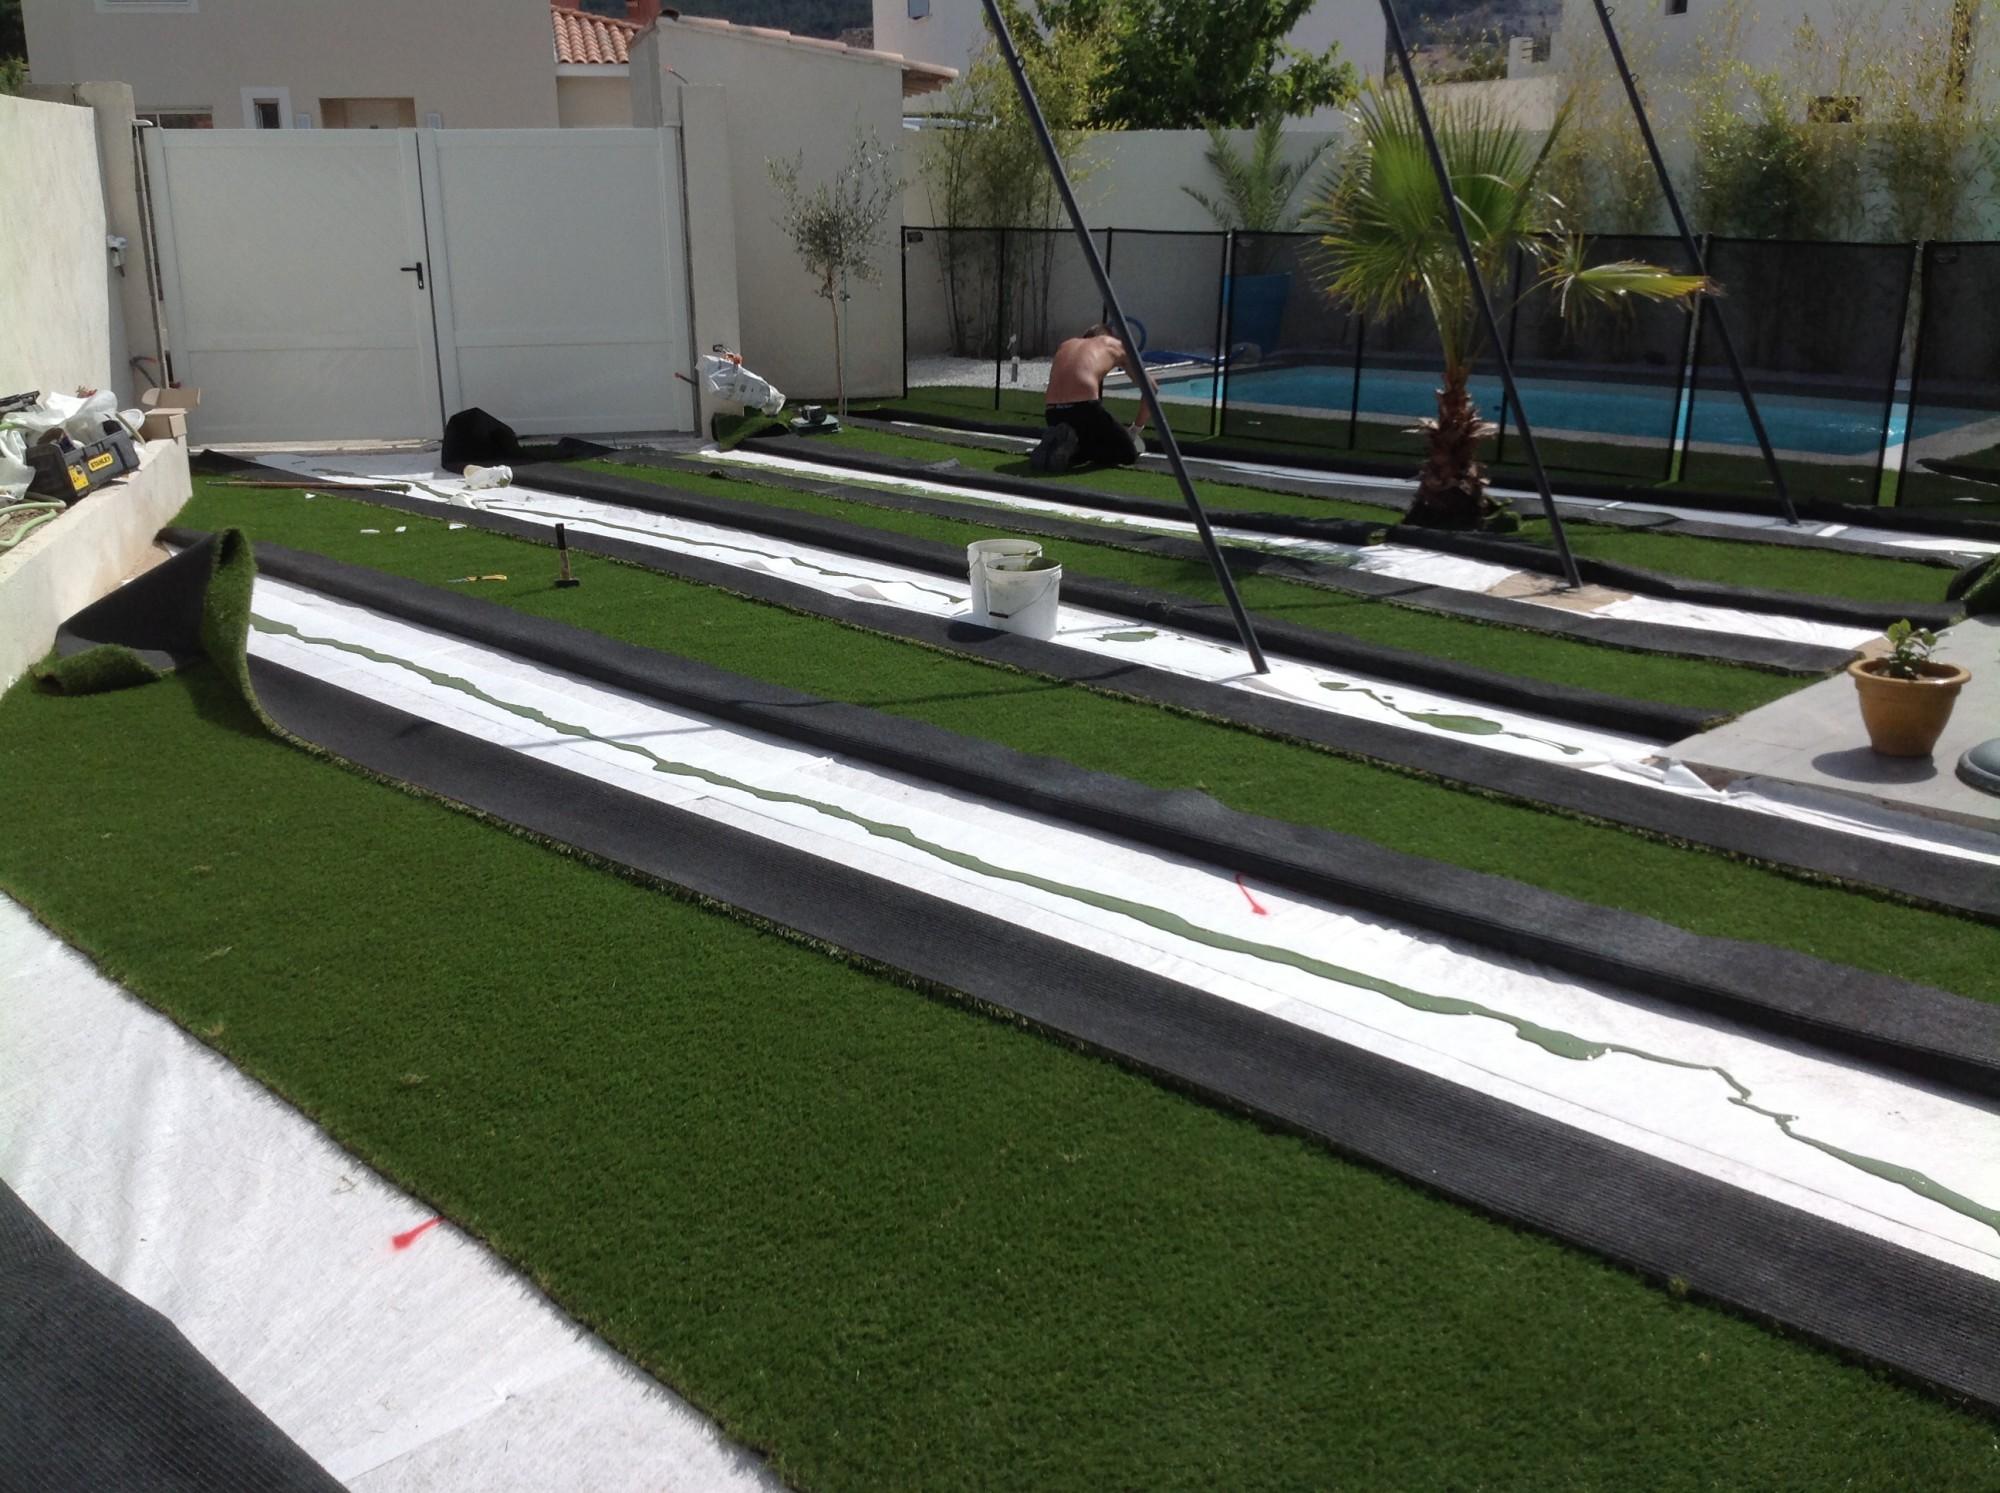 Mise en place des bandes de pontages pou gazon synthétique à Montpellier